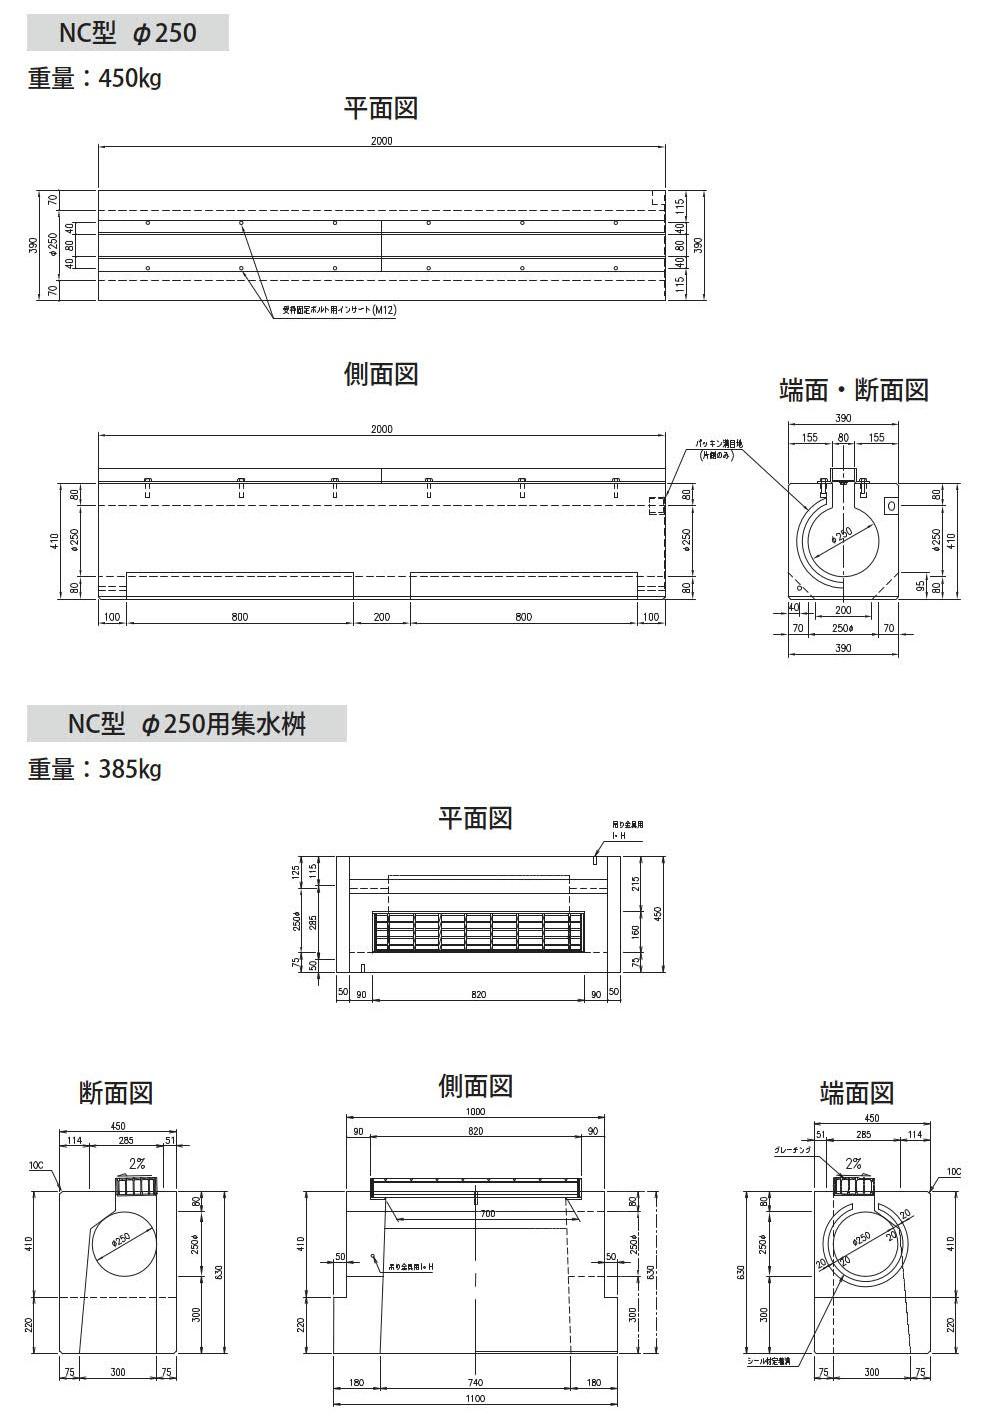 オリジナル側溝|円形水路 NC型 外形寸法 2